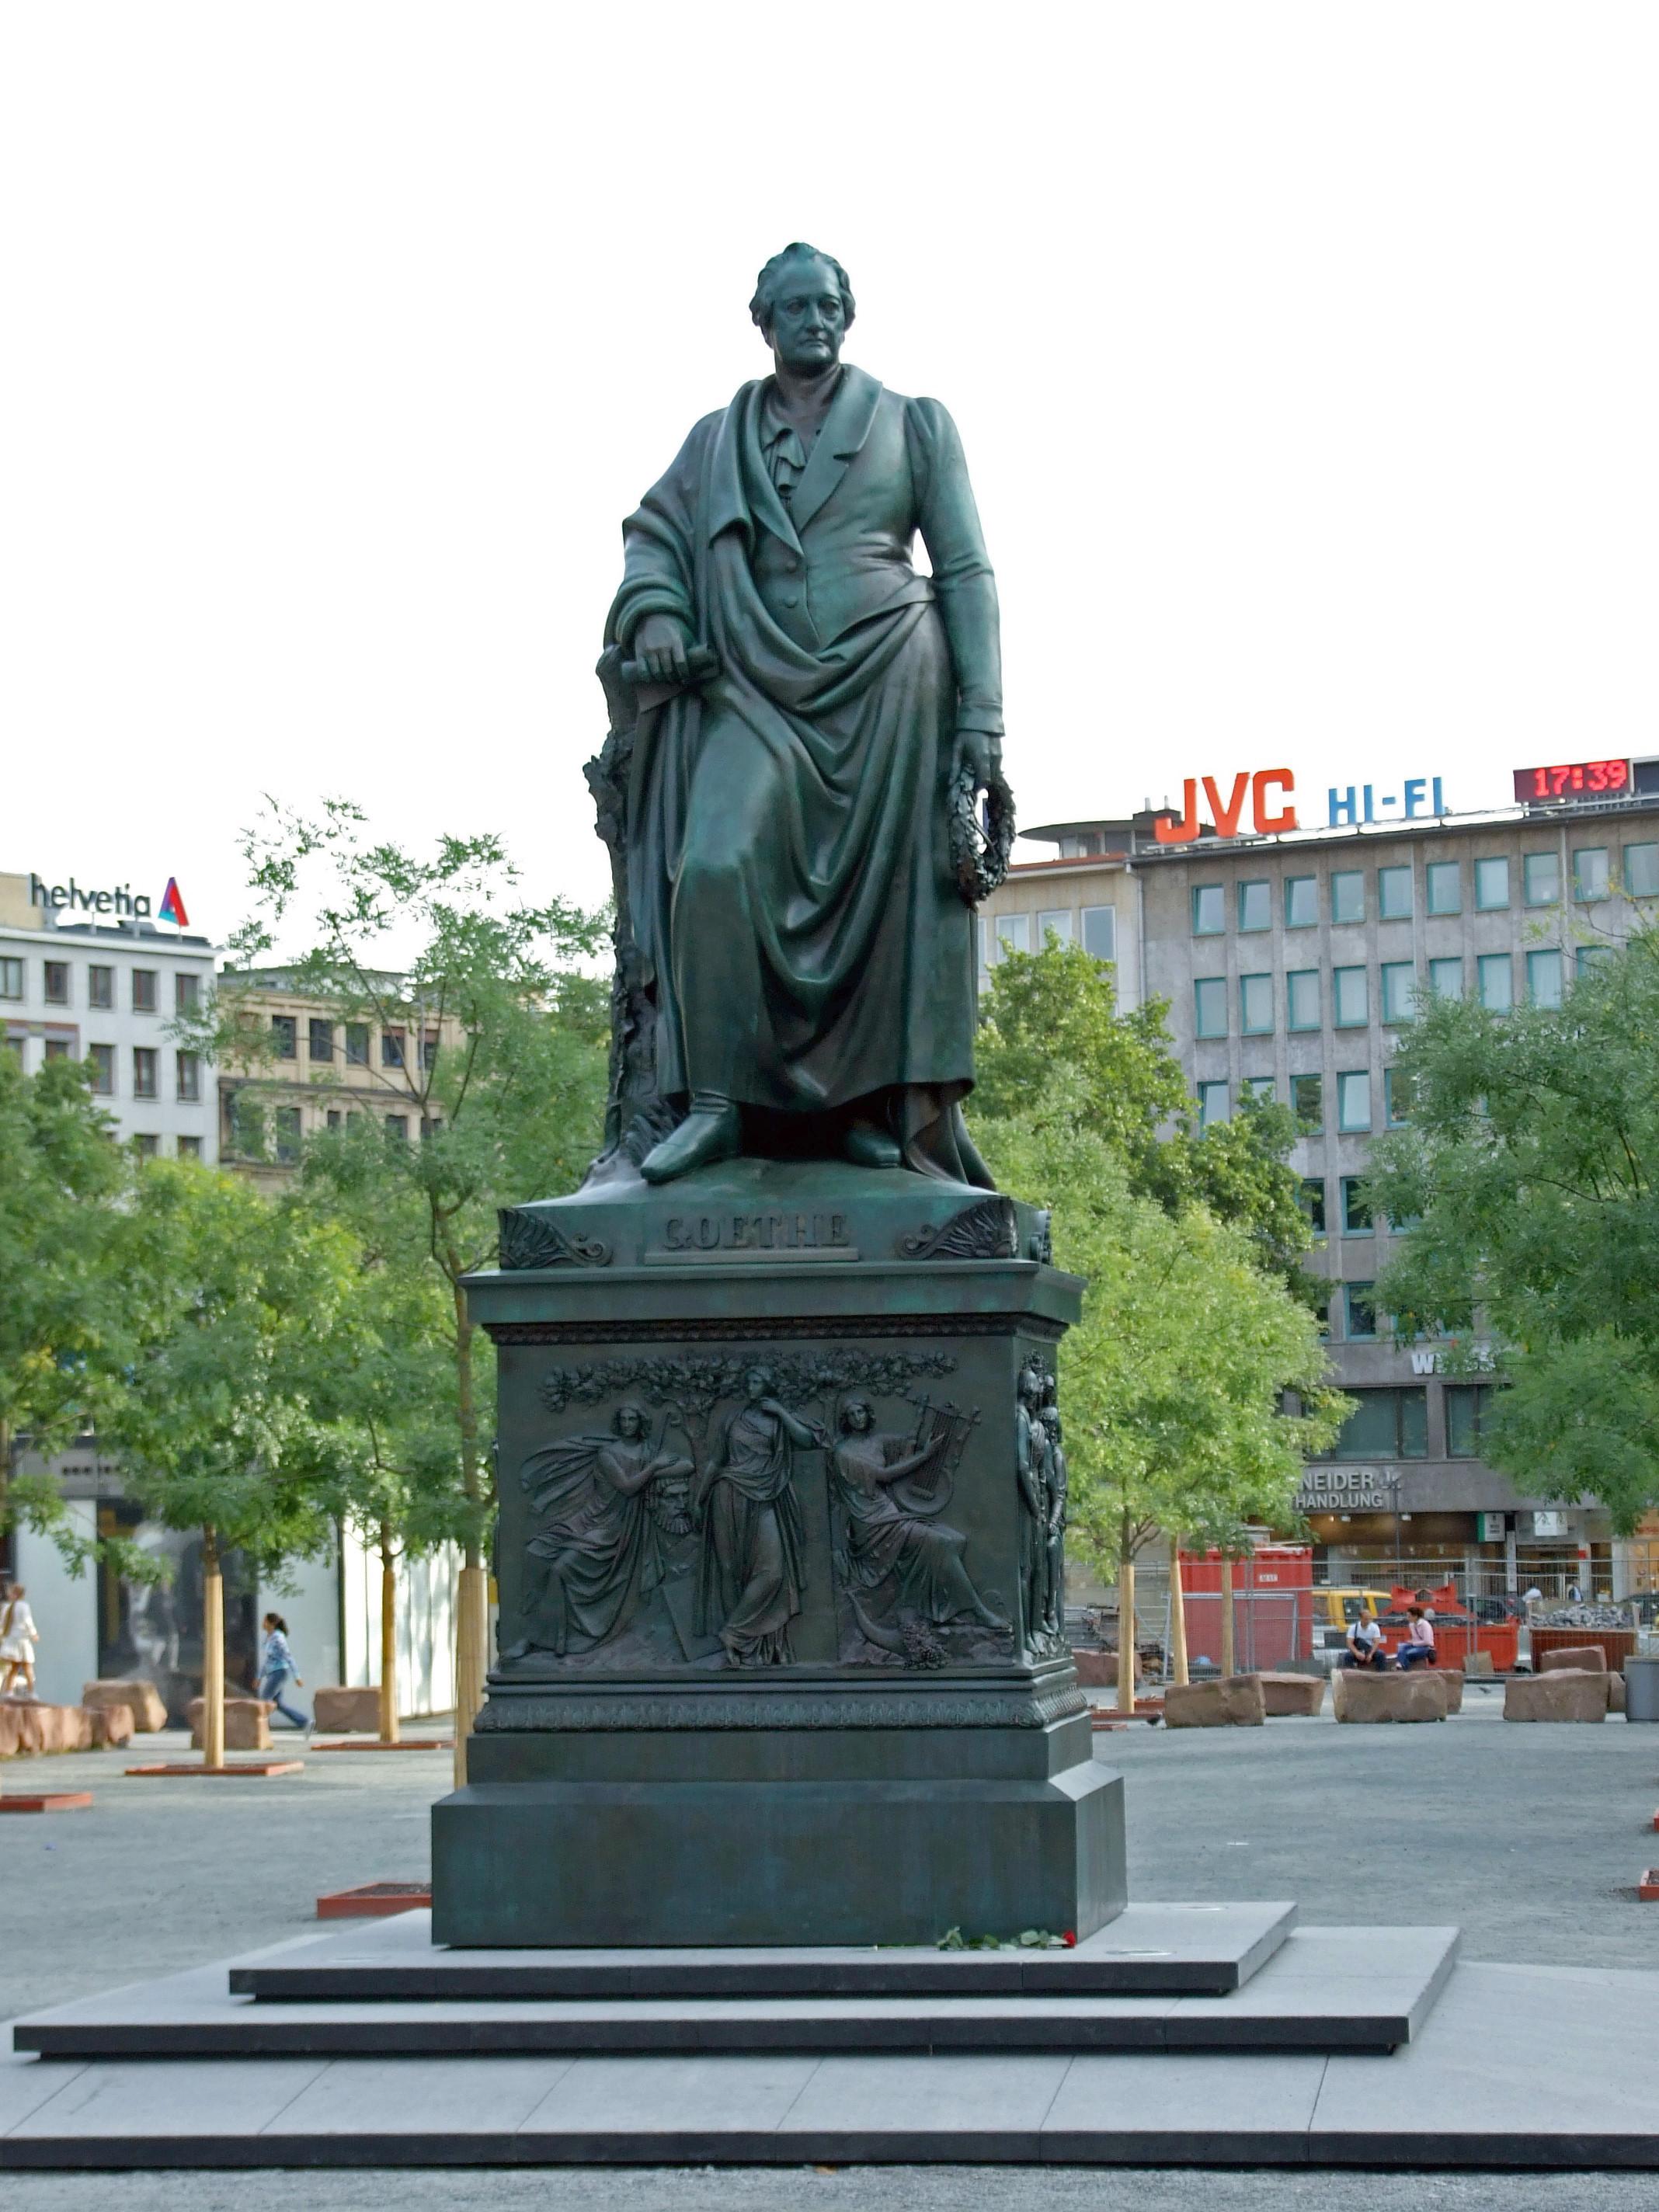 Monumento a Goethe, tras su restauración y colocación (2007) en la plaza Goethe de Fráncfort.